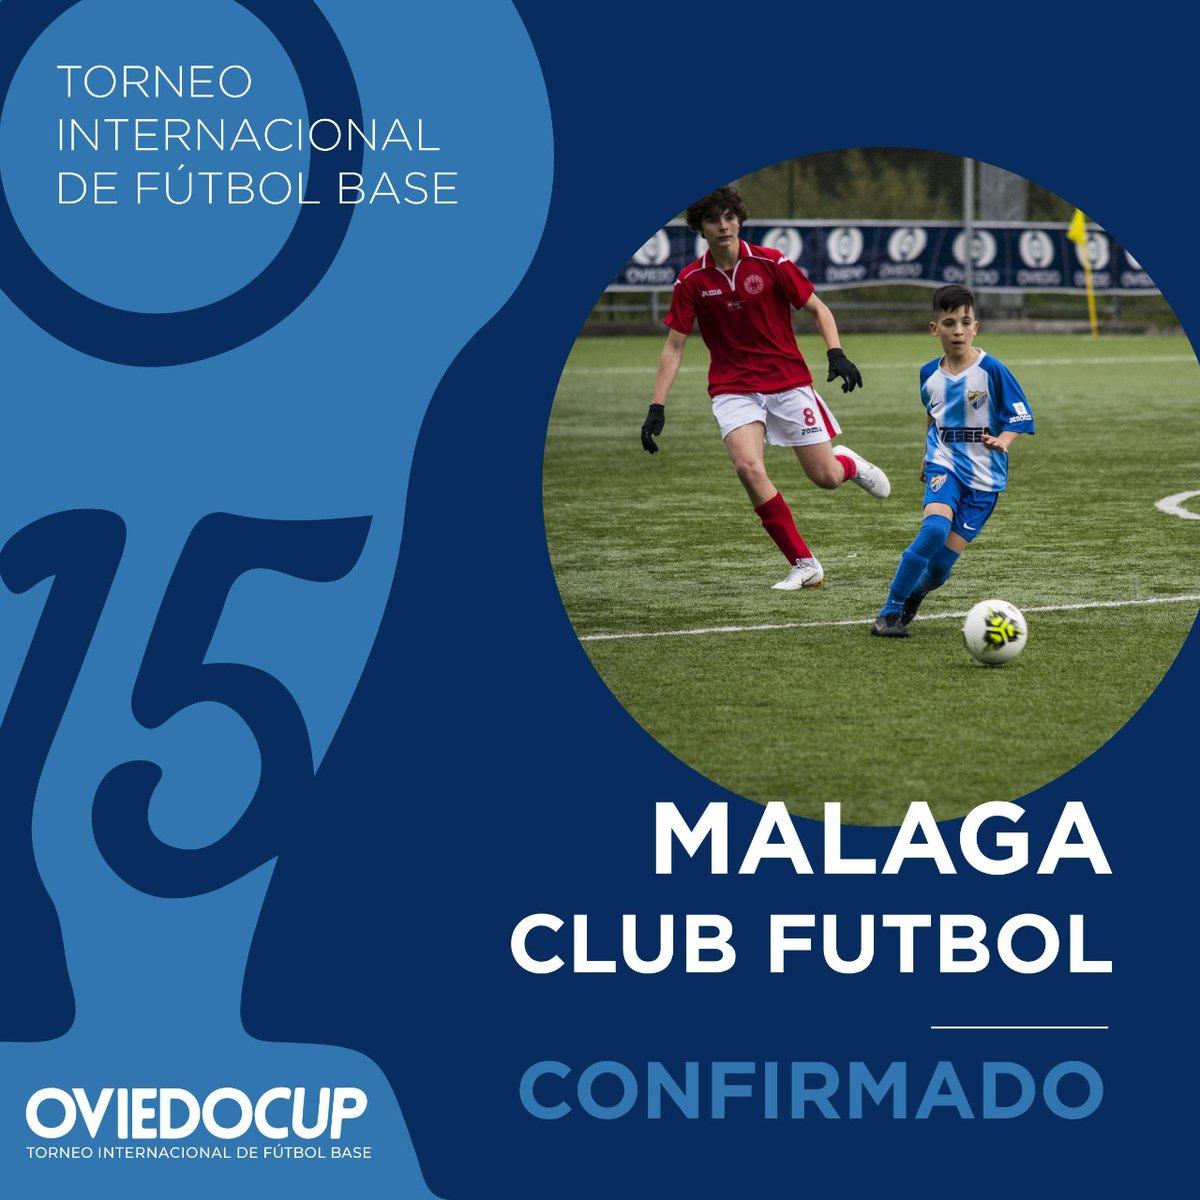   EQUIPO CONFIRMADO   Hoy es el #DíaDeAndalucía... y qué mejor que anunciar a nuestro tercer equipo andaluz del torneo   ¡¡Los boquerones estarán presentes en la #OviedoCup2020!!  @MalagaCF  #TorneoInternacional #FútboBase #OviedoCup #XVEdición #SemanaSantapic.twitter.com/5nMKaDs2BX